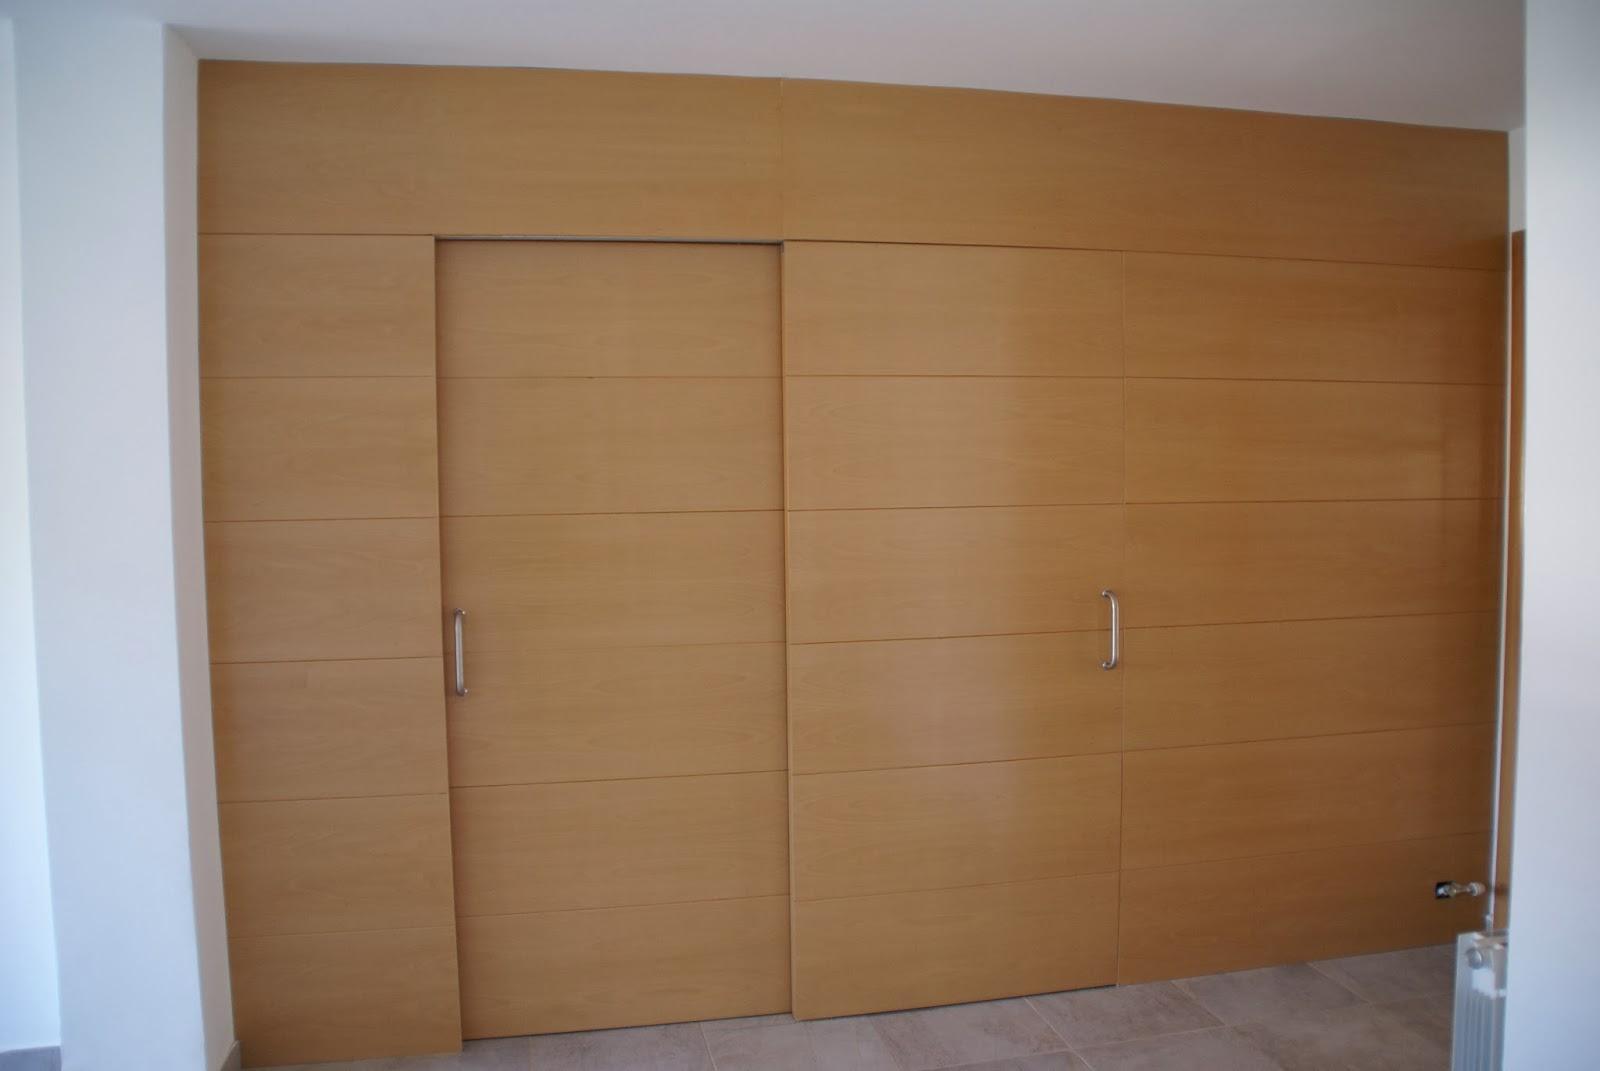 Como ganar espacio en tu casa sin cambiar de vivienda vi - Puerta corredera doble hoja ...